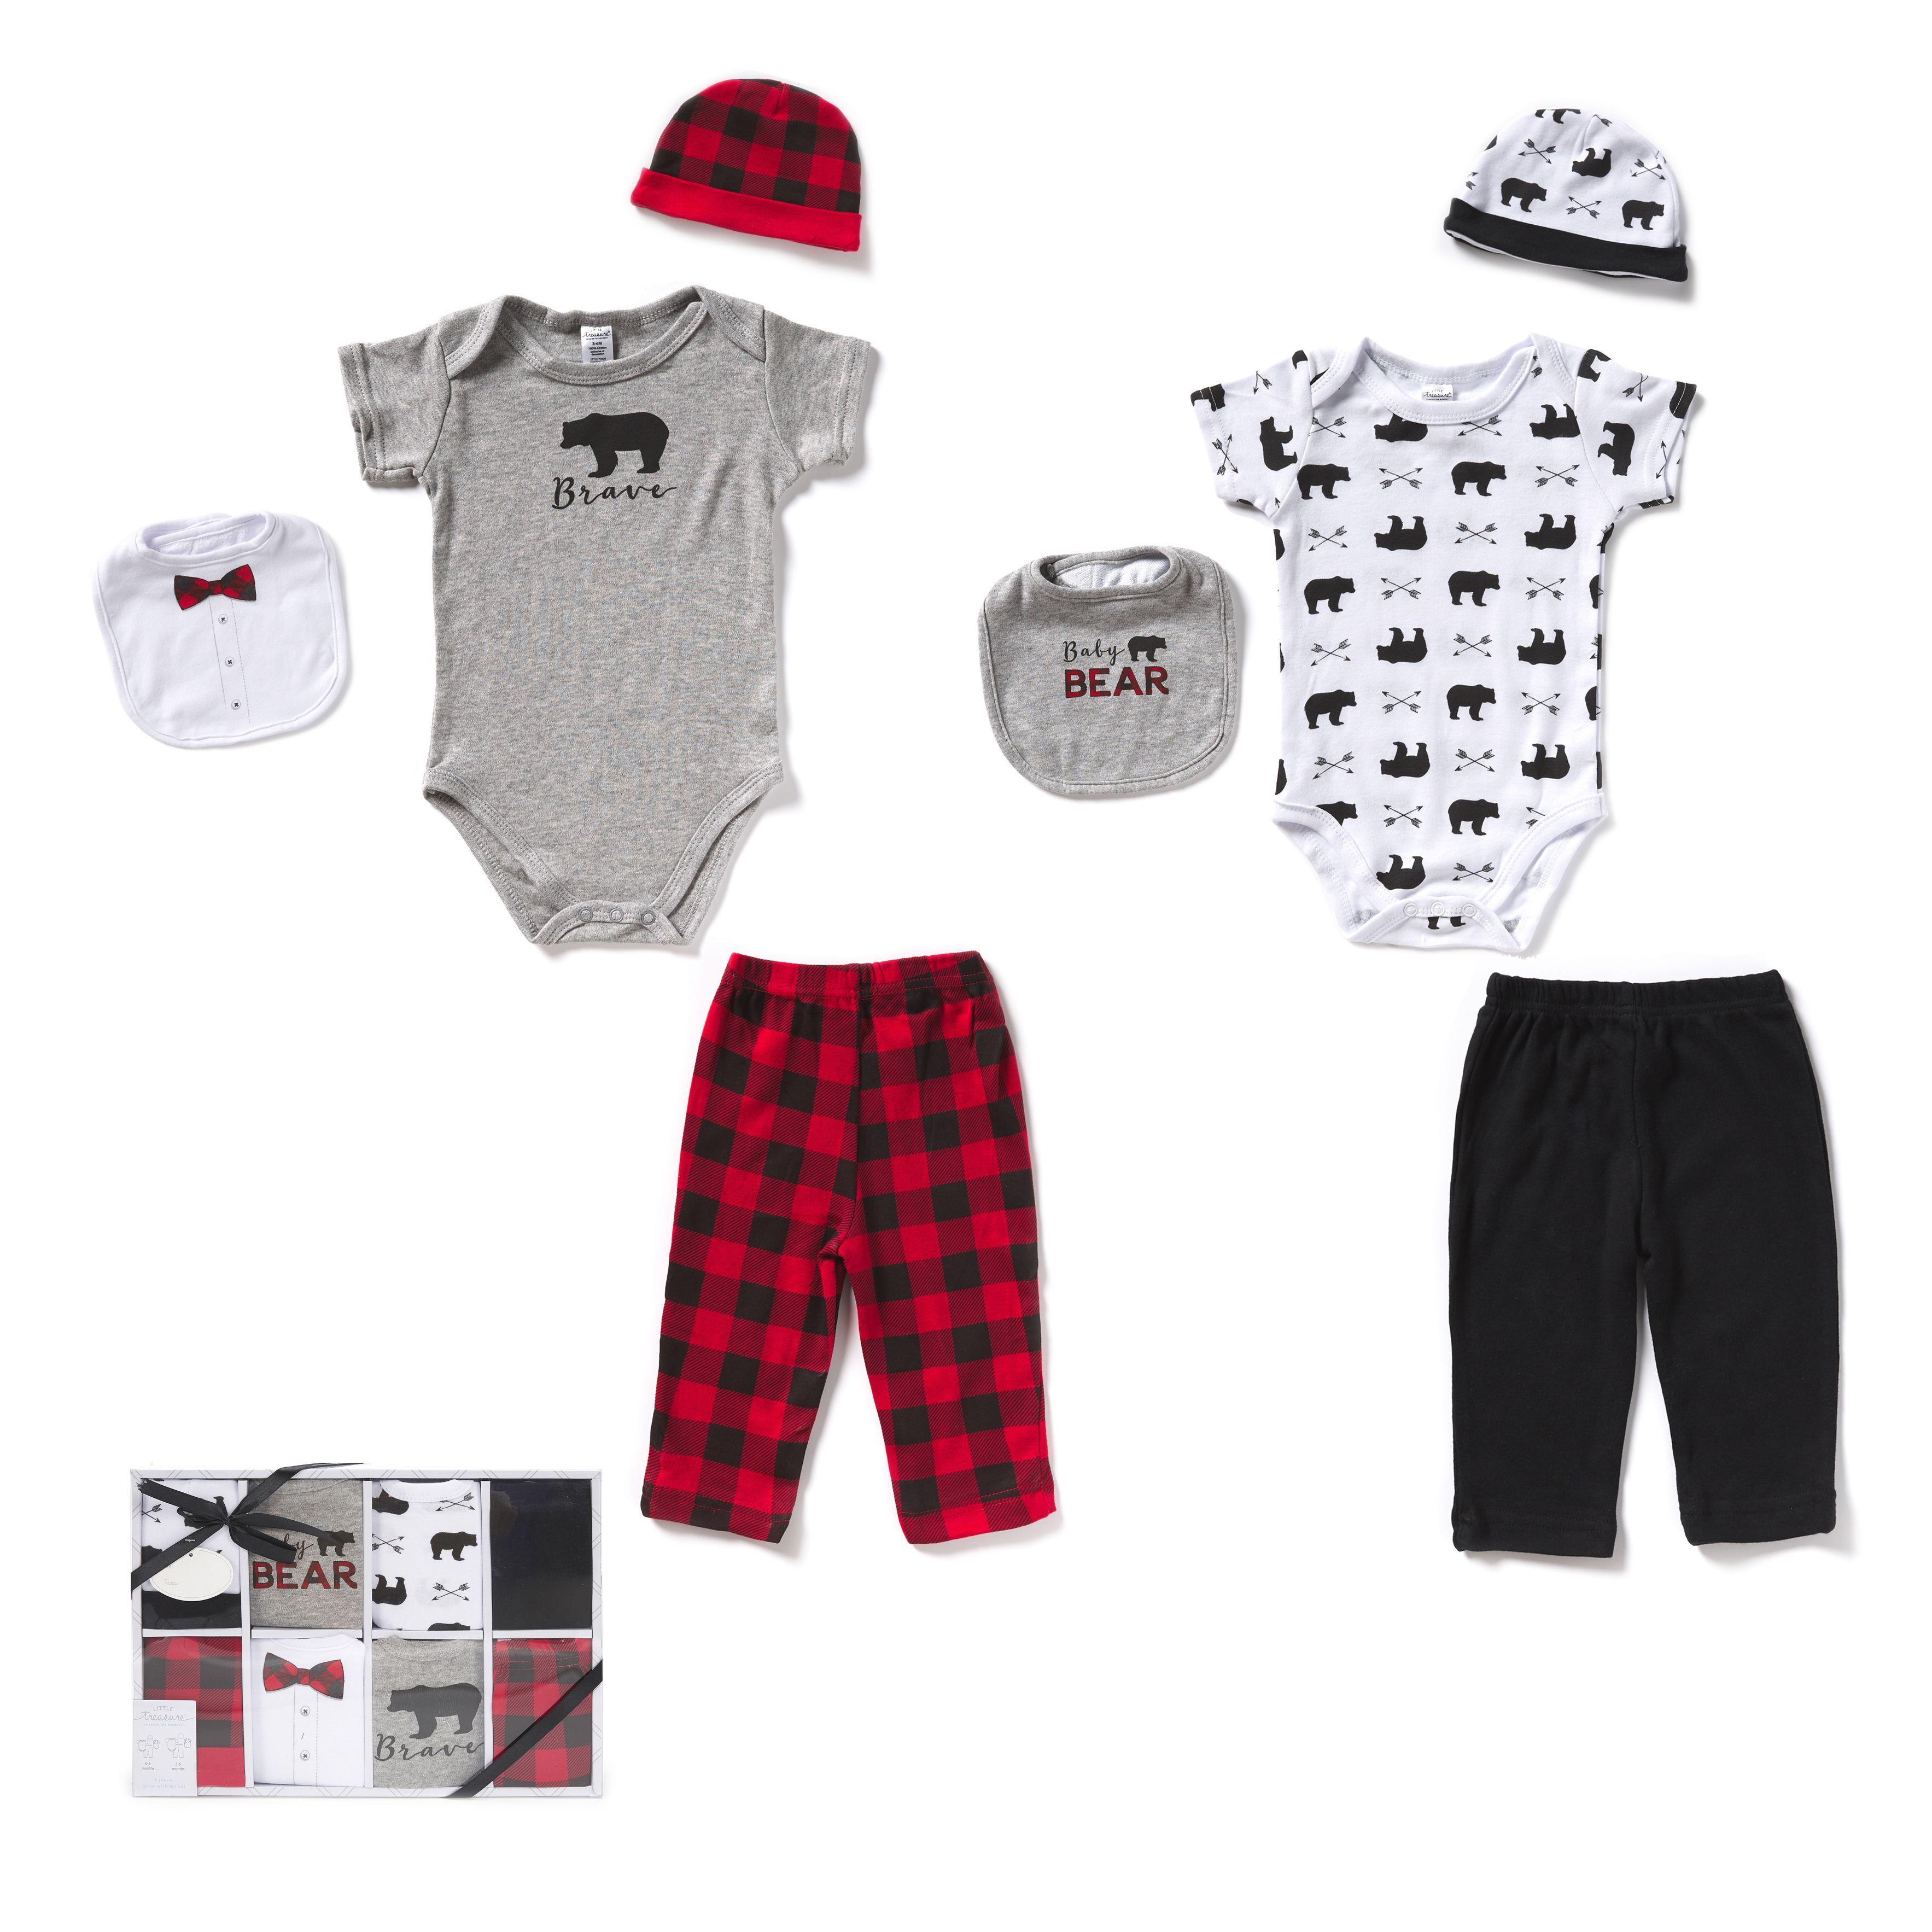 8PCS Newborn Clothes Set 100% algodão 0-6 meses Sets do bebê Gift Box Enxoval para meninos crianças